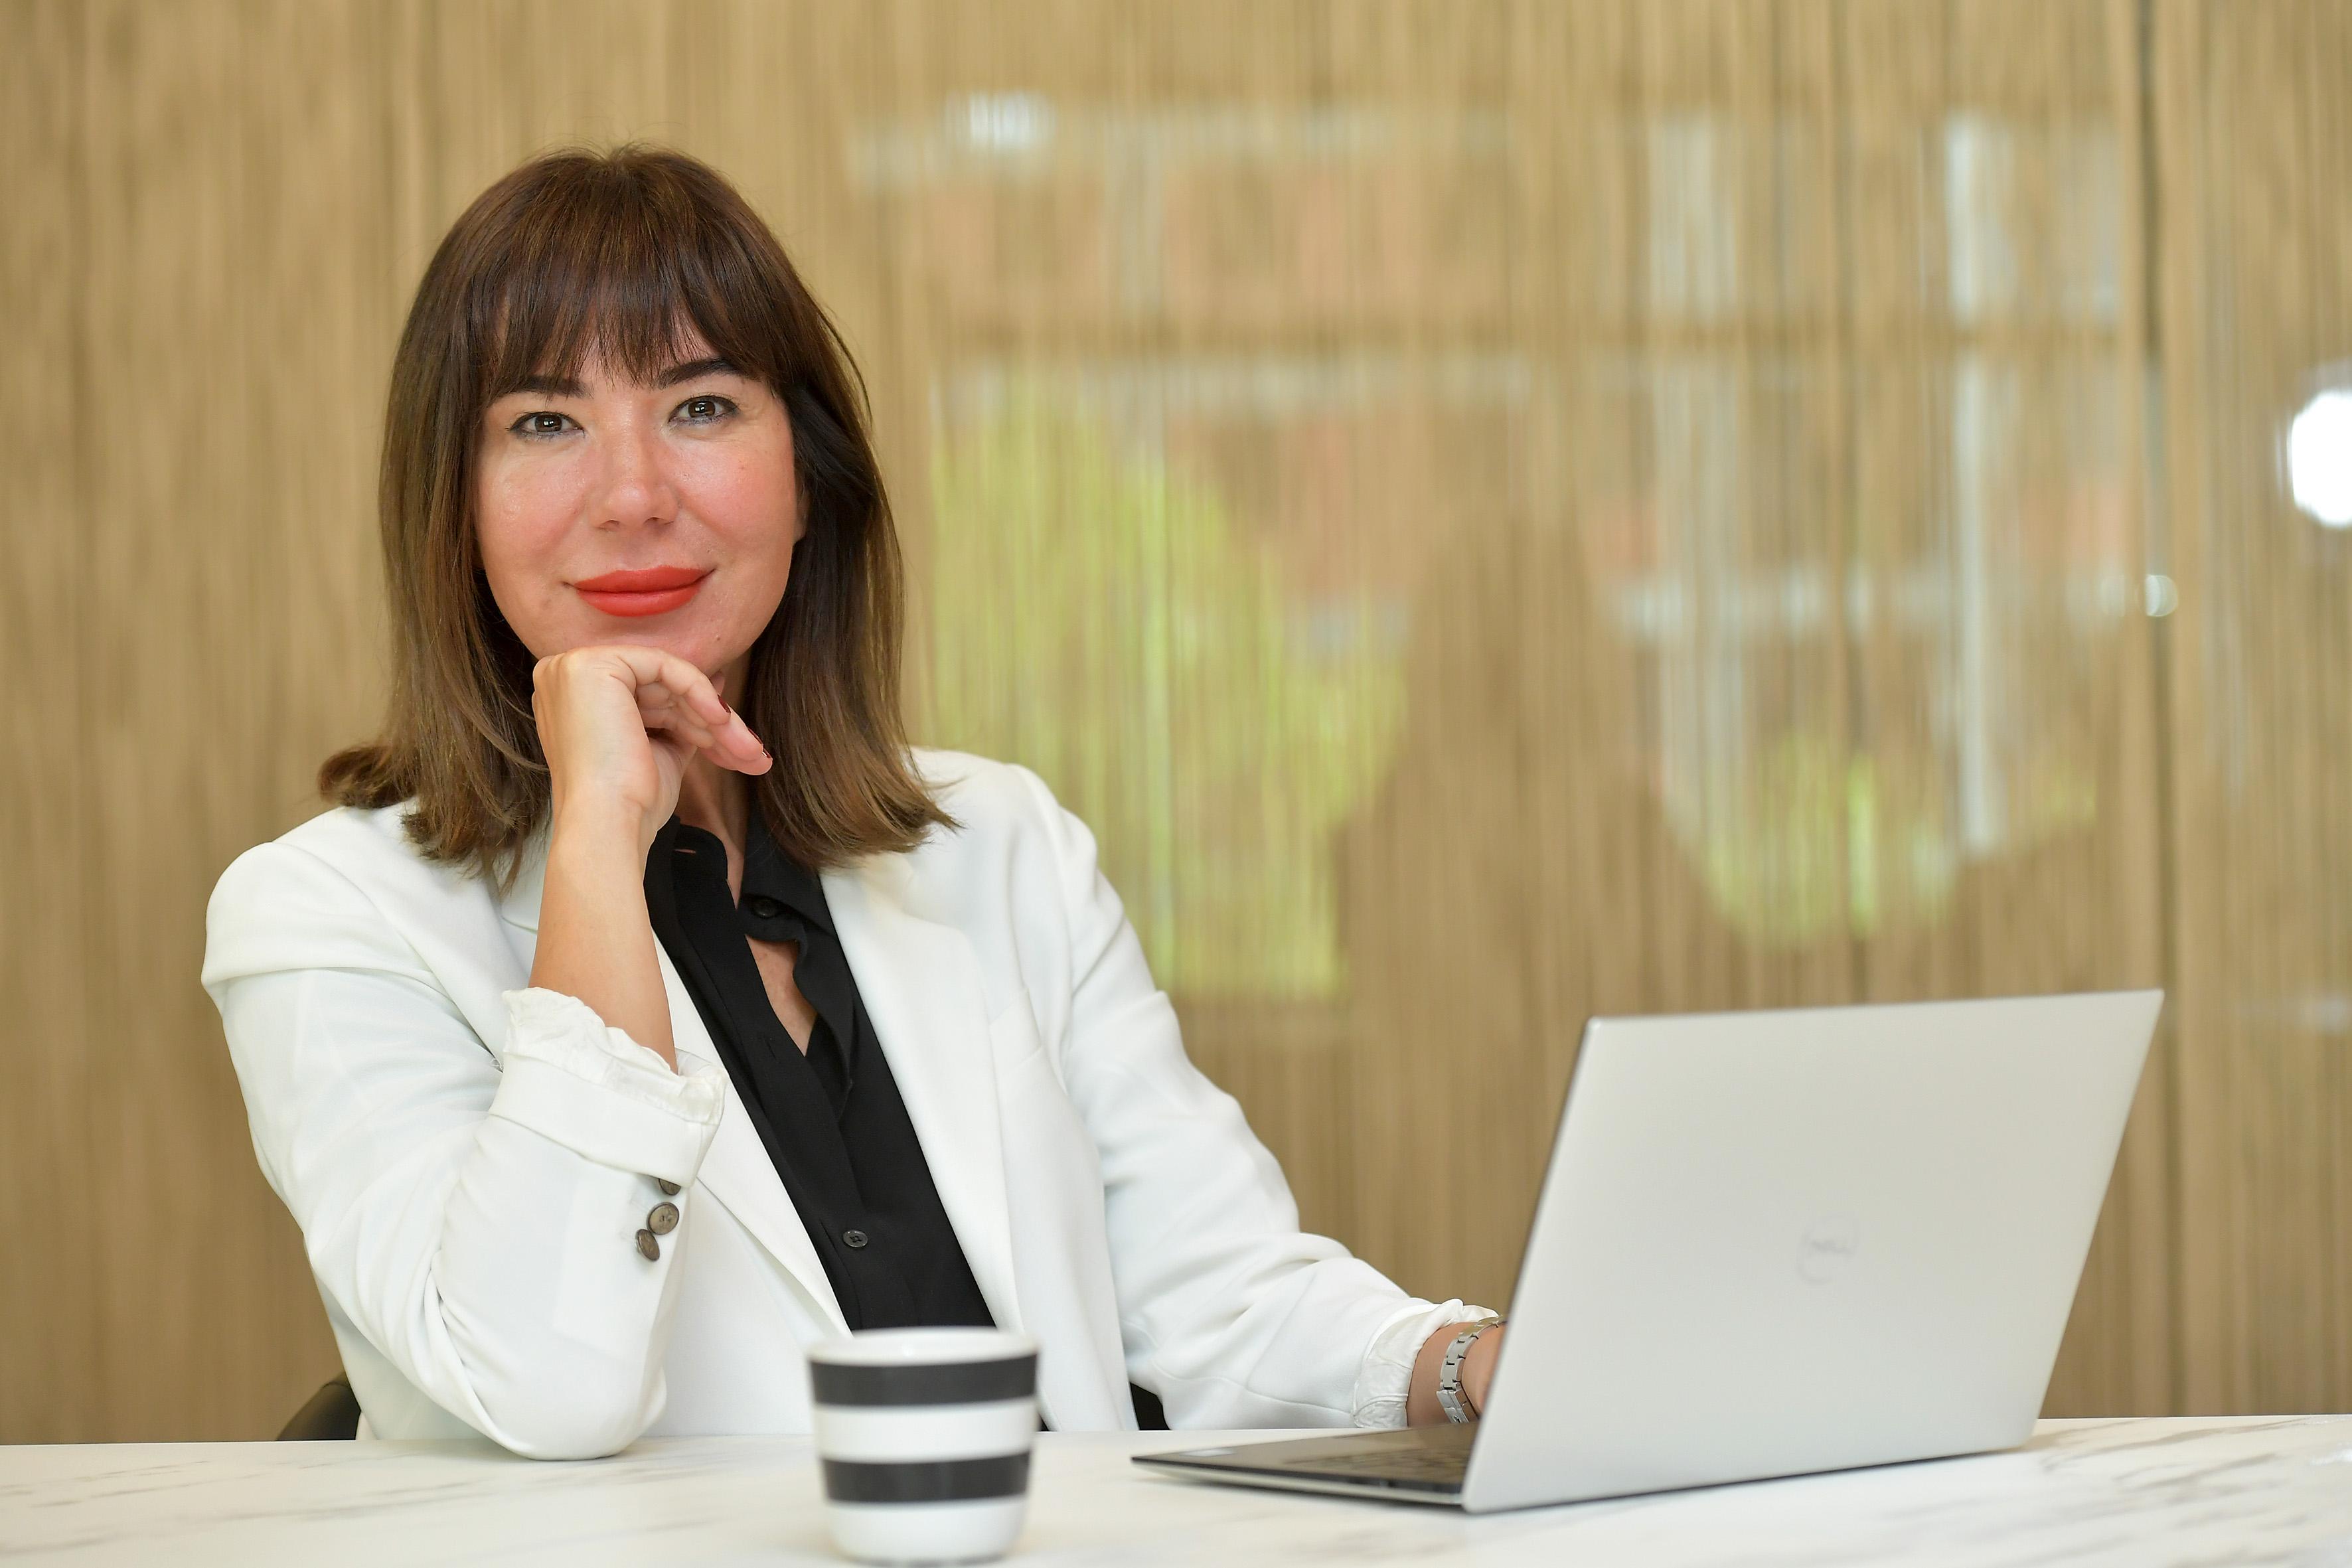 Işıl Hasdemir: Problemlerin üstesinden gelmek tamamen biz kadınların elinde